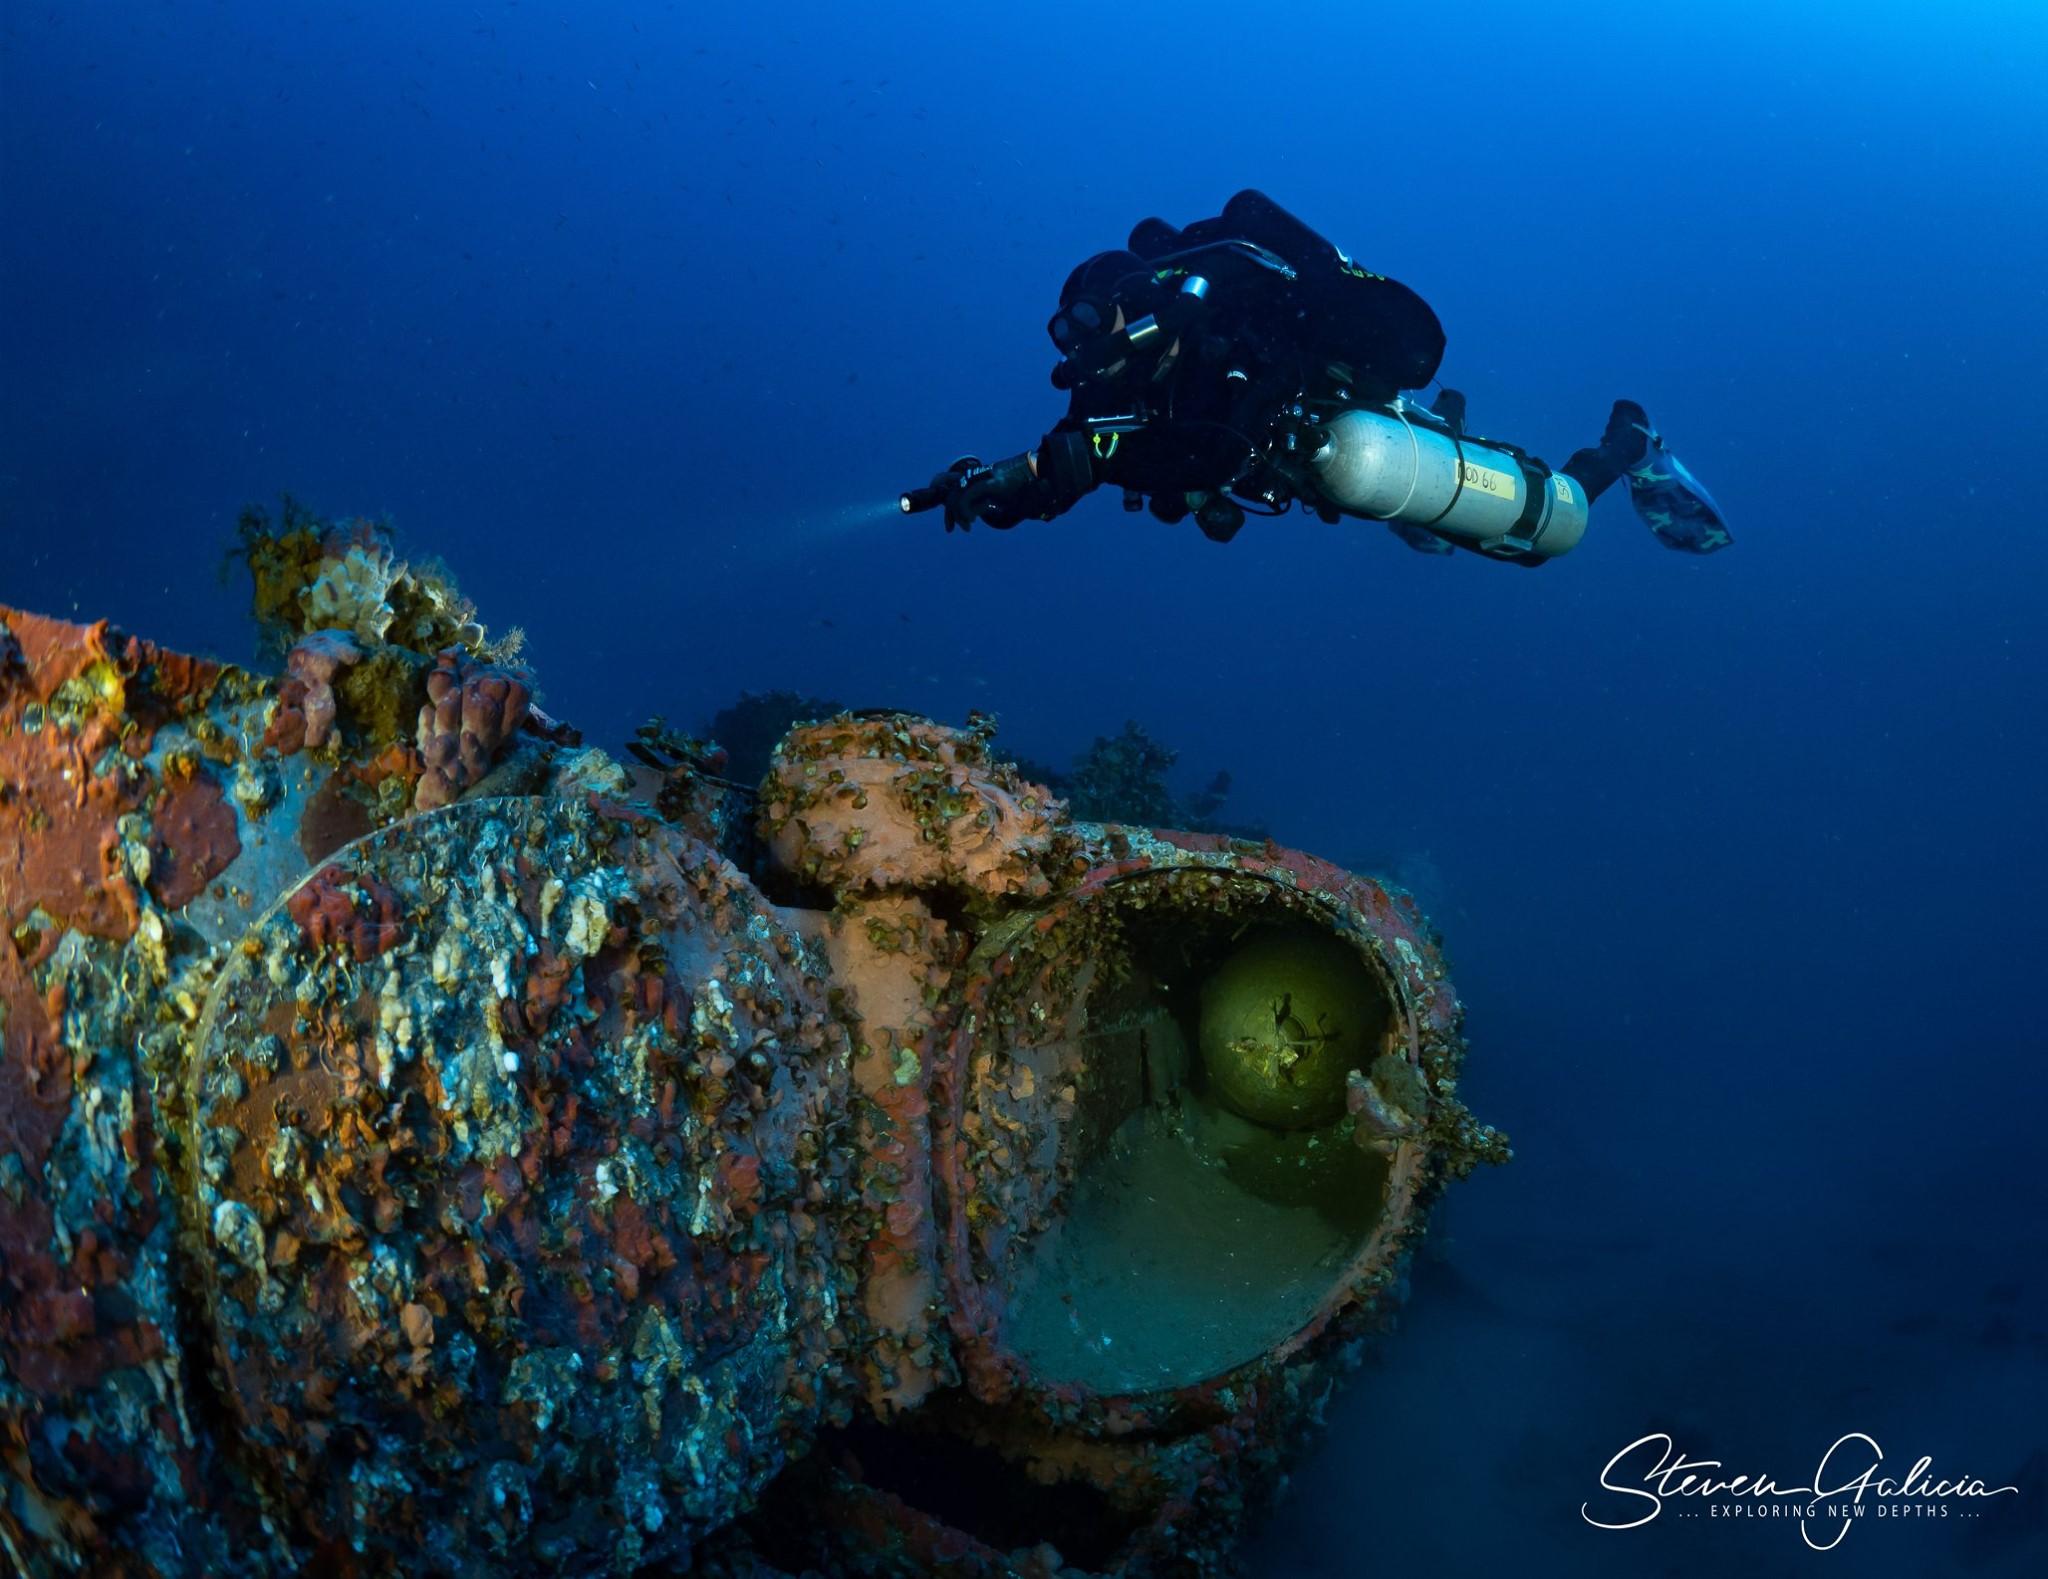 S31 Schnellboot, torpedo [Steven Galicia]